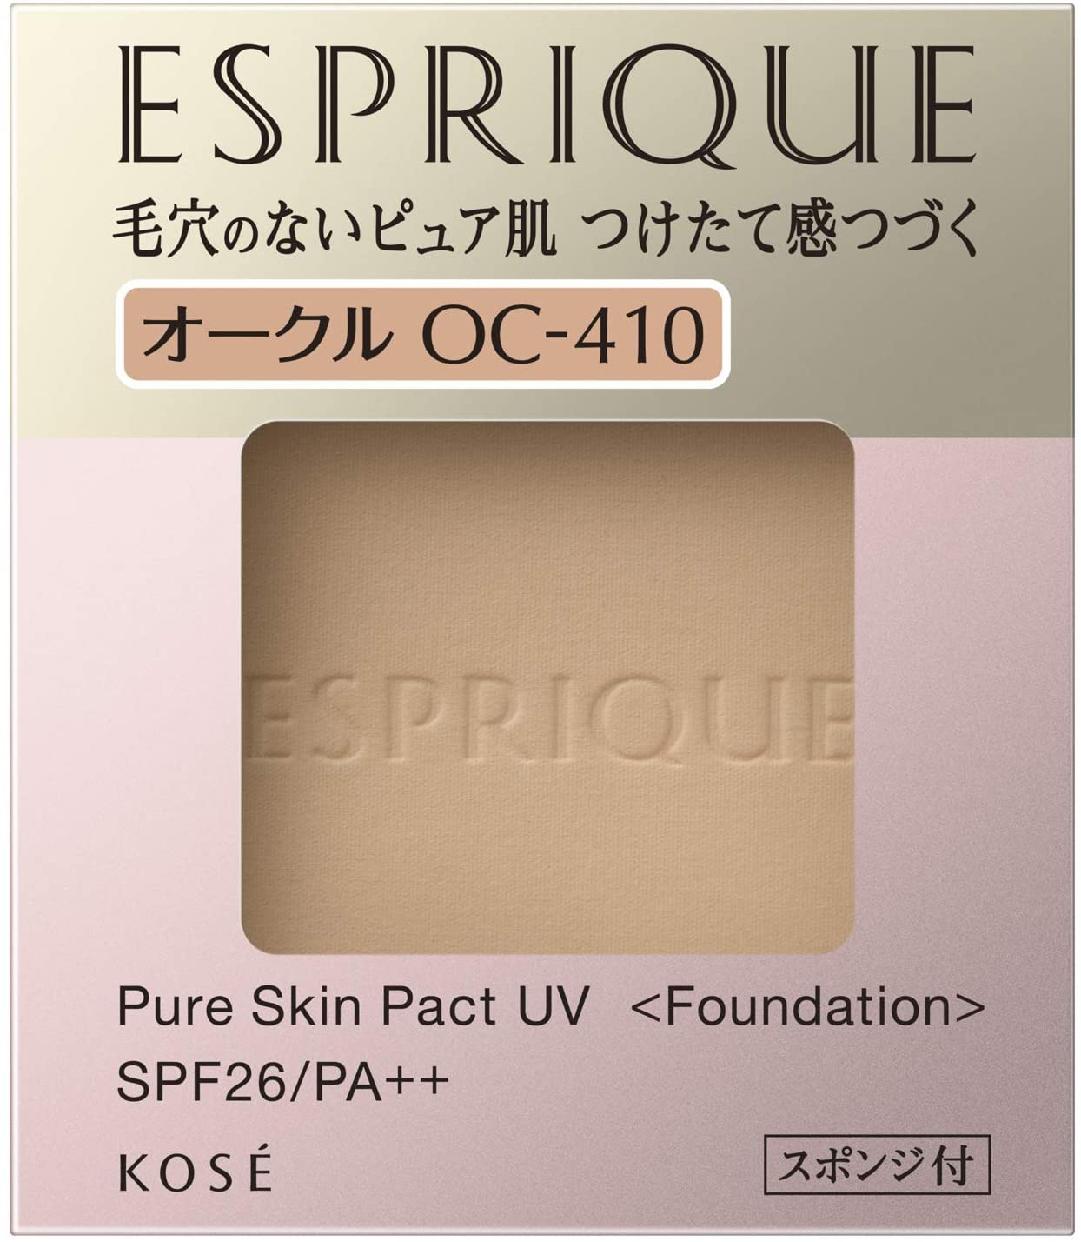 ESPRIQUE(エスプリーク)ピュアスキン パクト UV